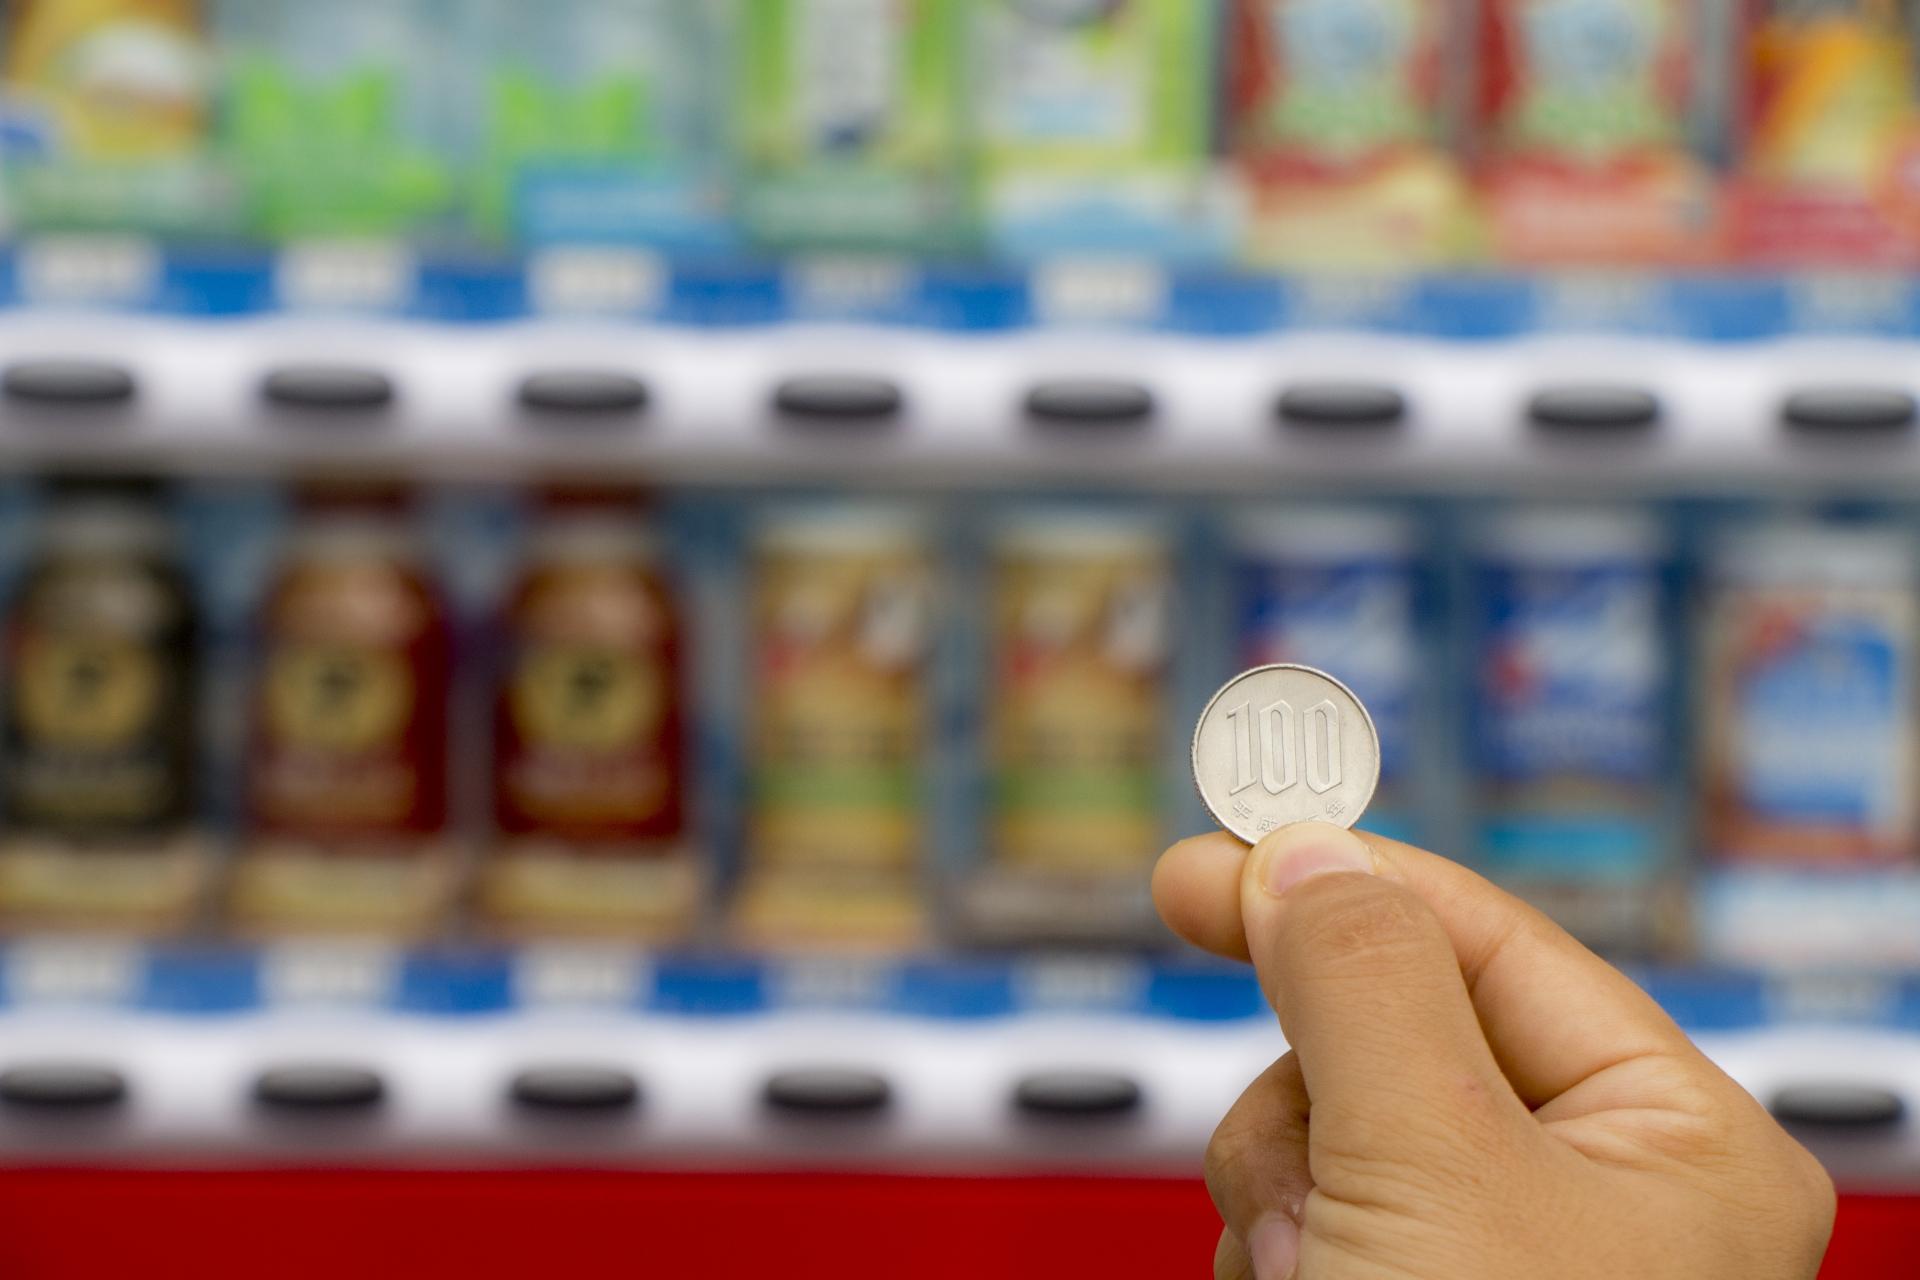 自動販売機業界・メーカーの課題と解決策【前編】